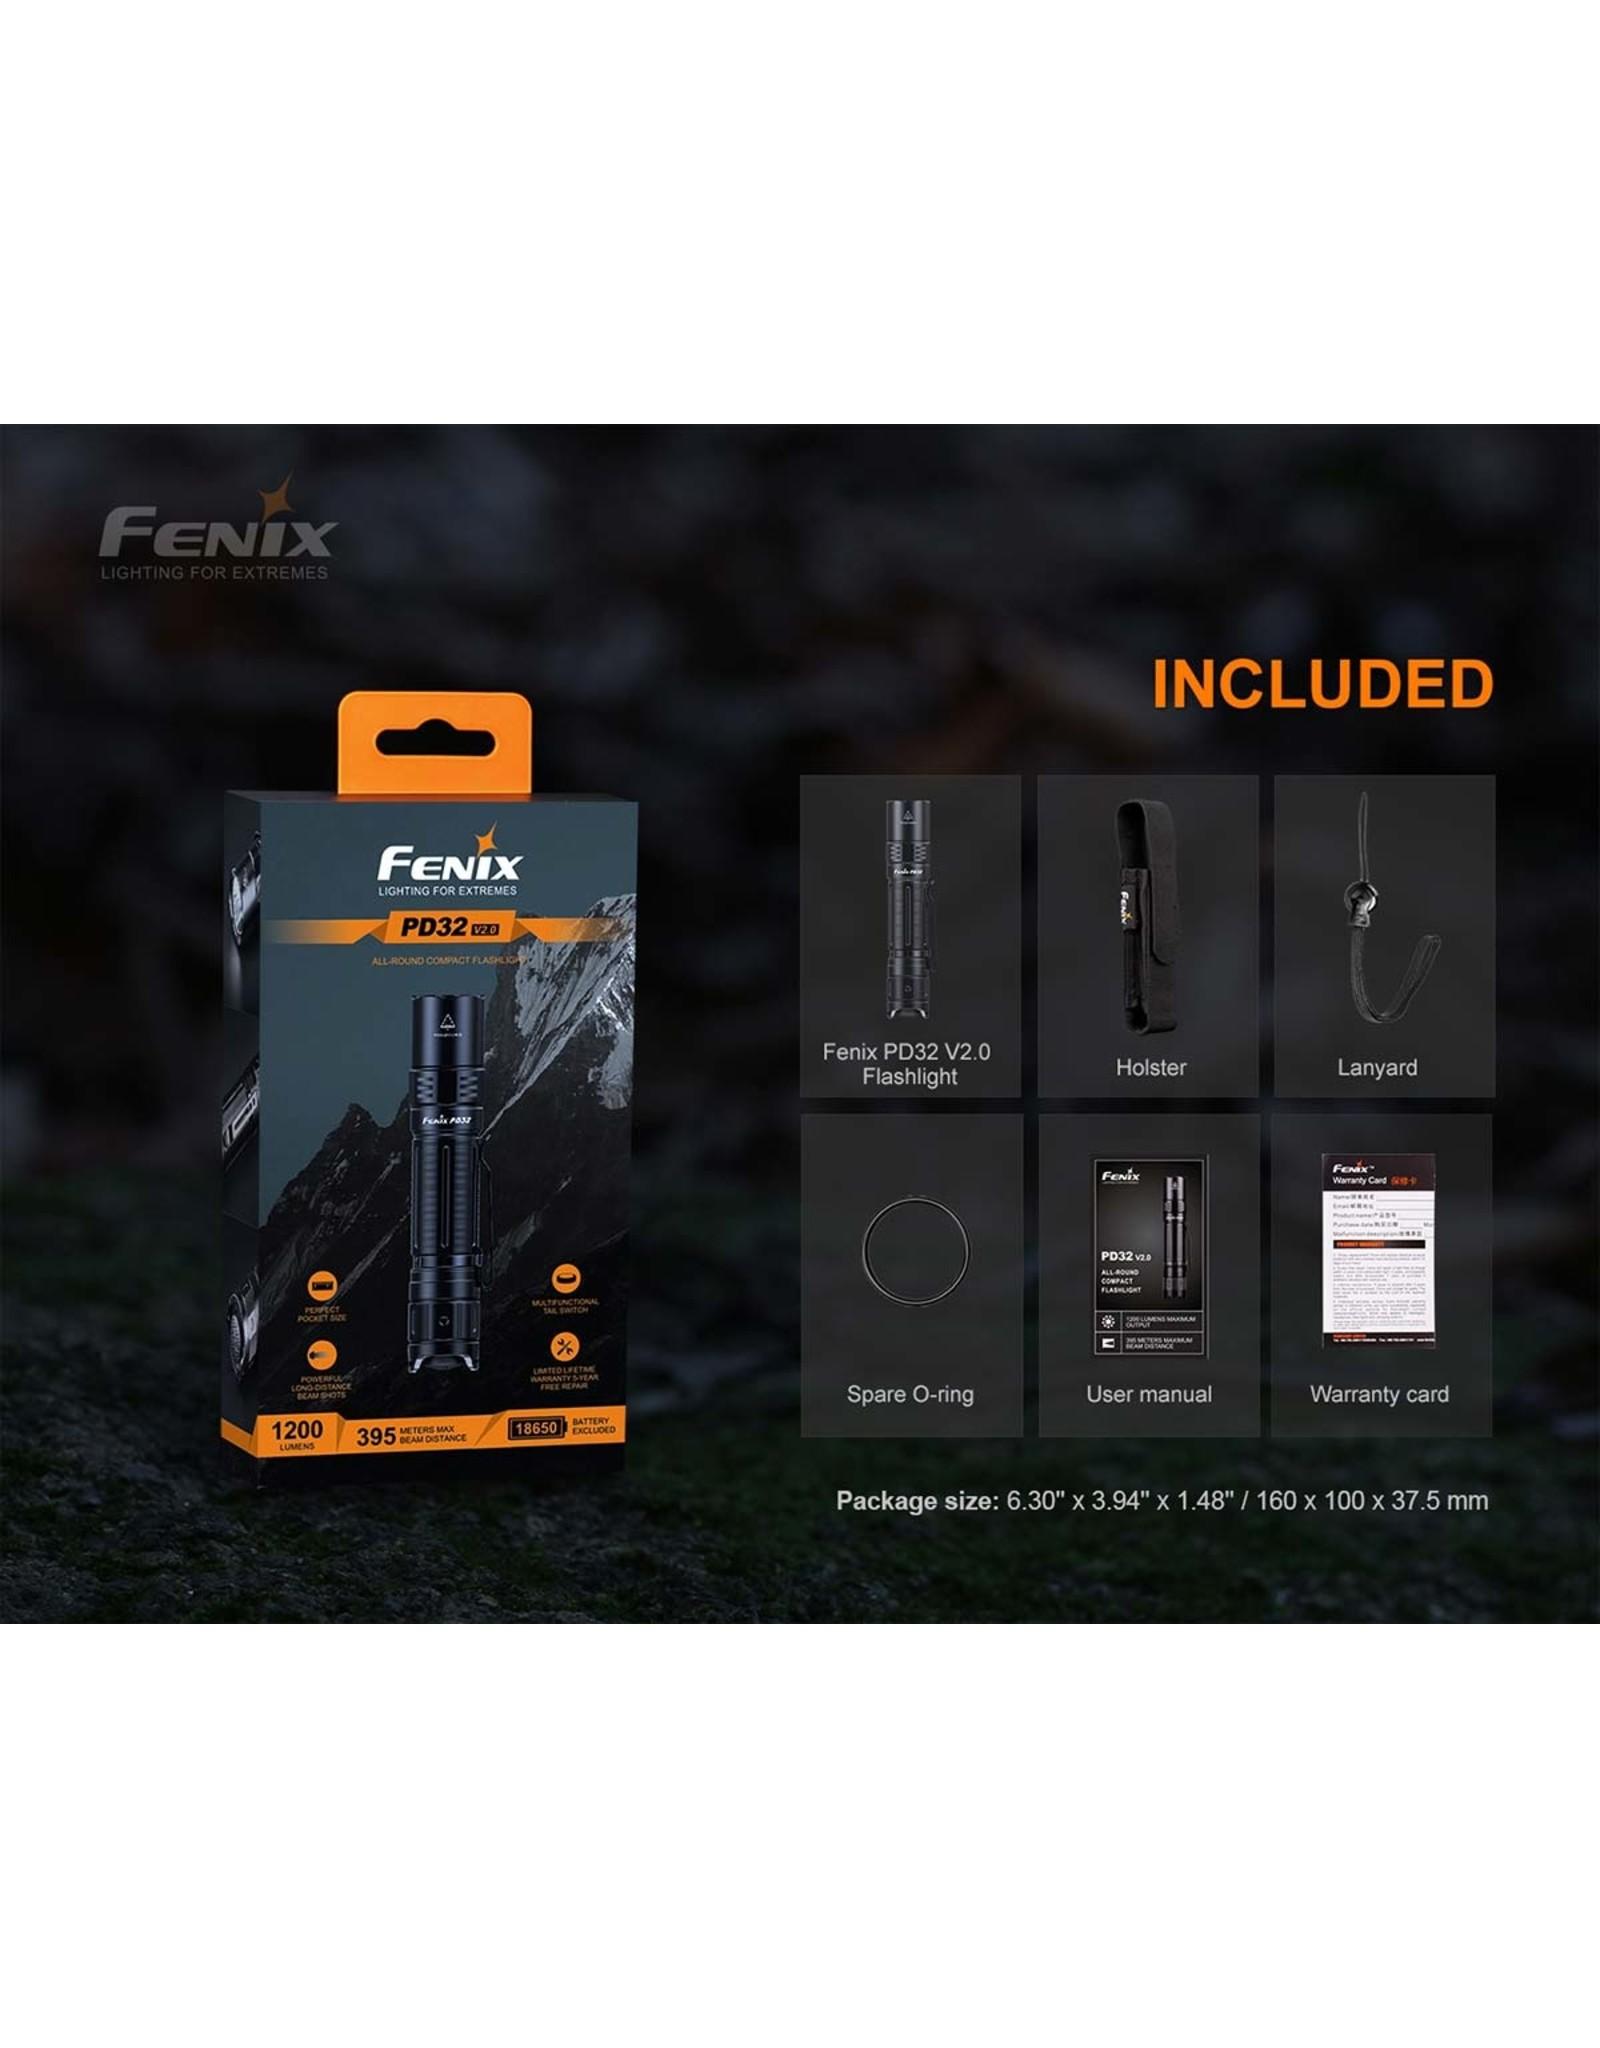 FENIX PD32 V2.0 FLASHLIGHT